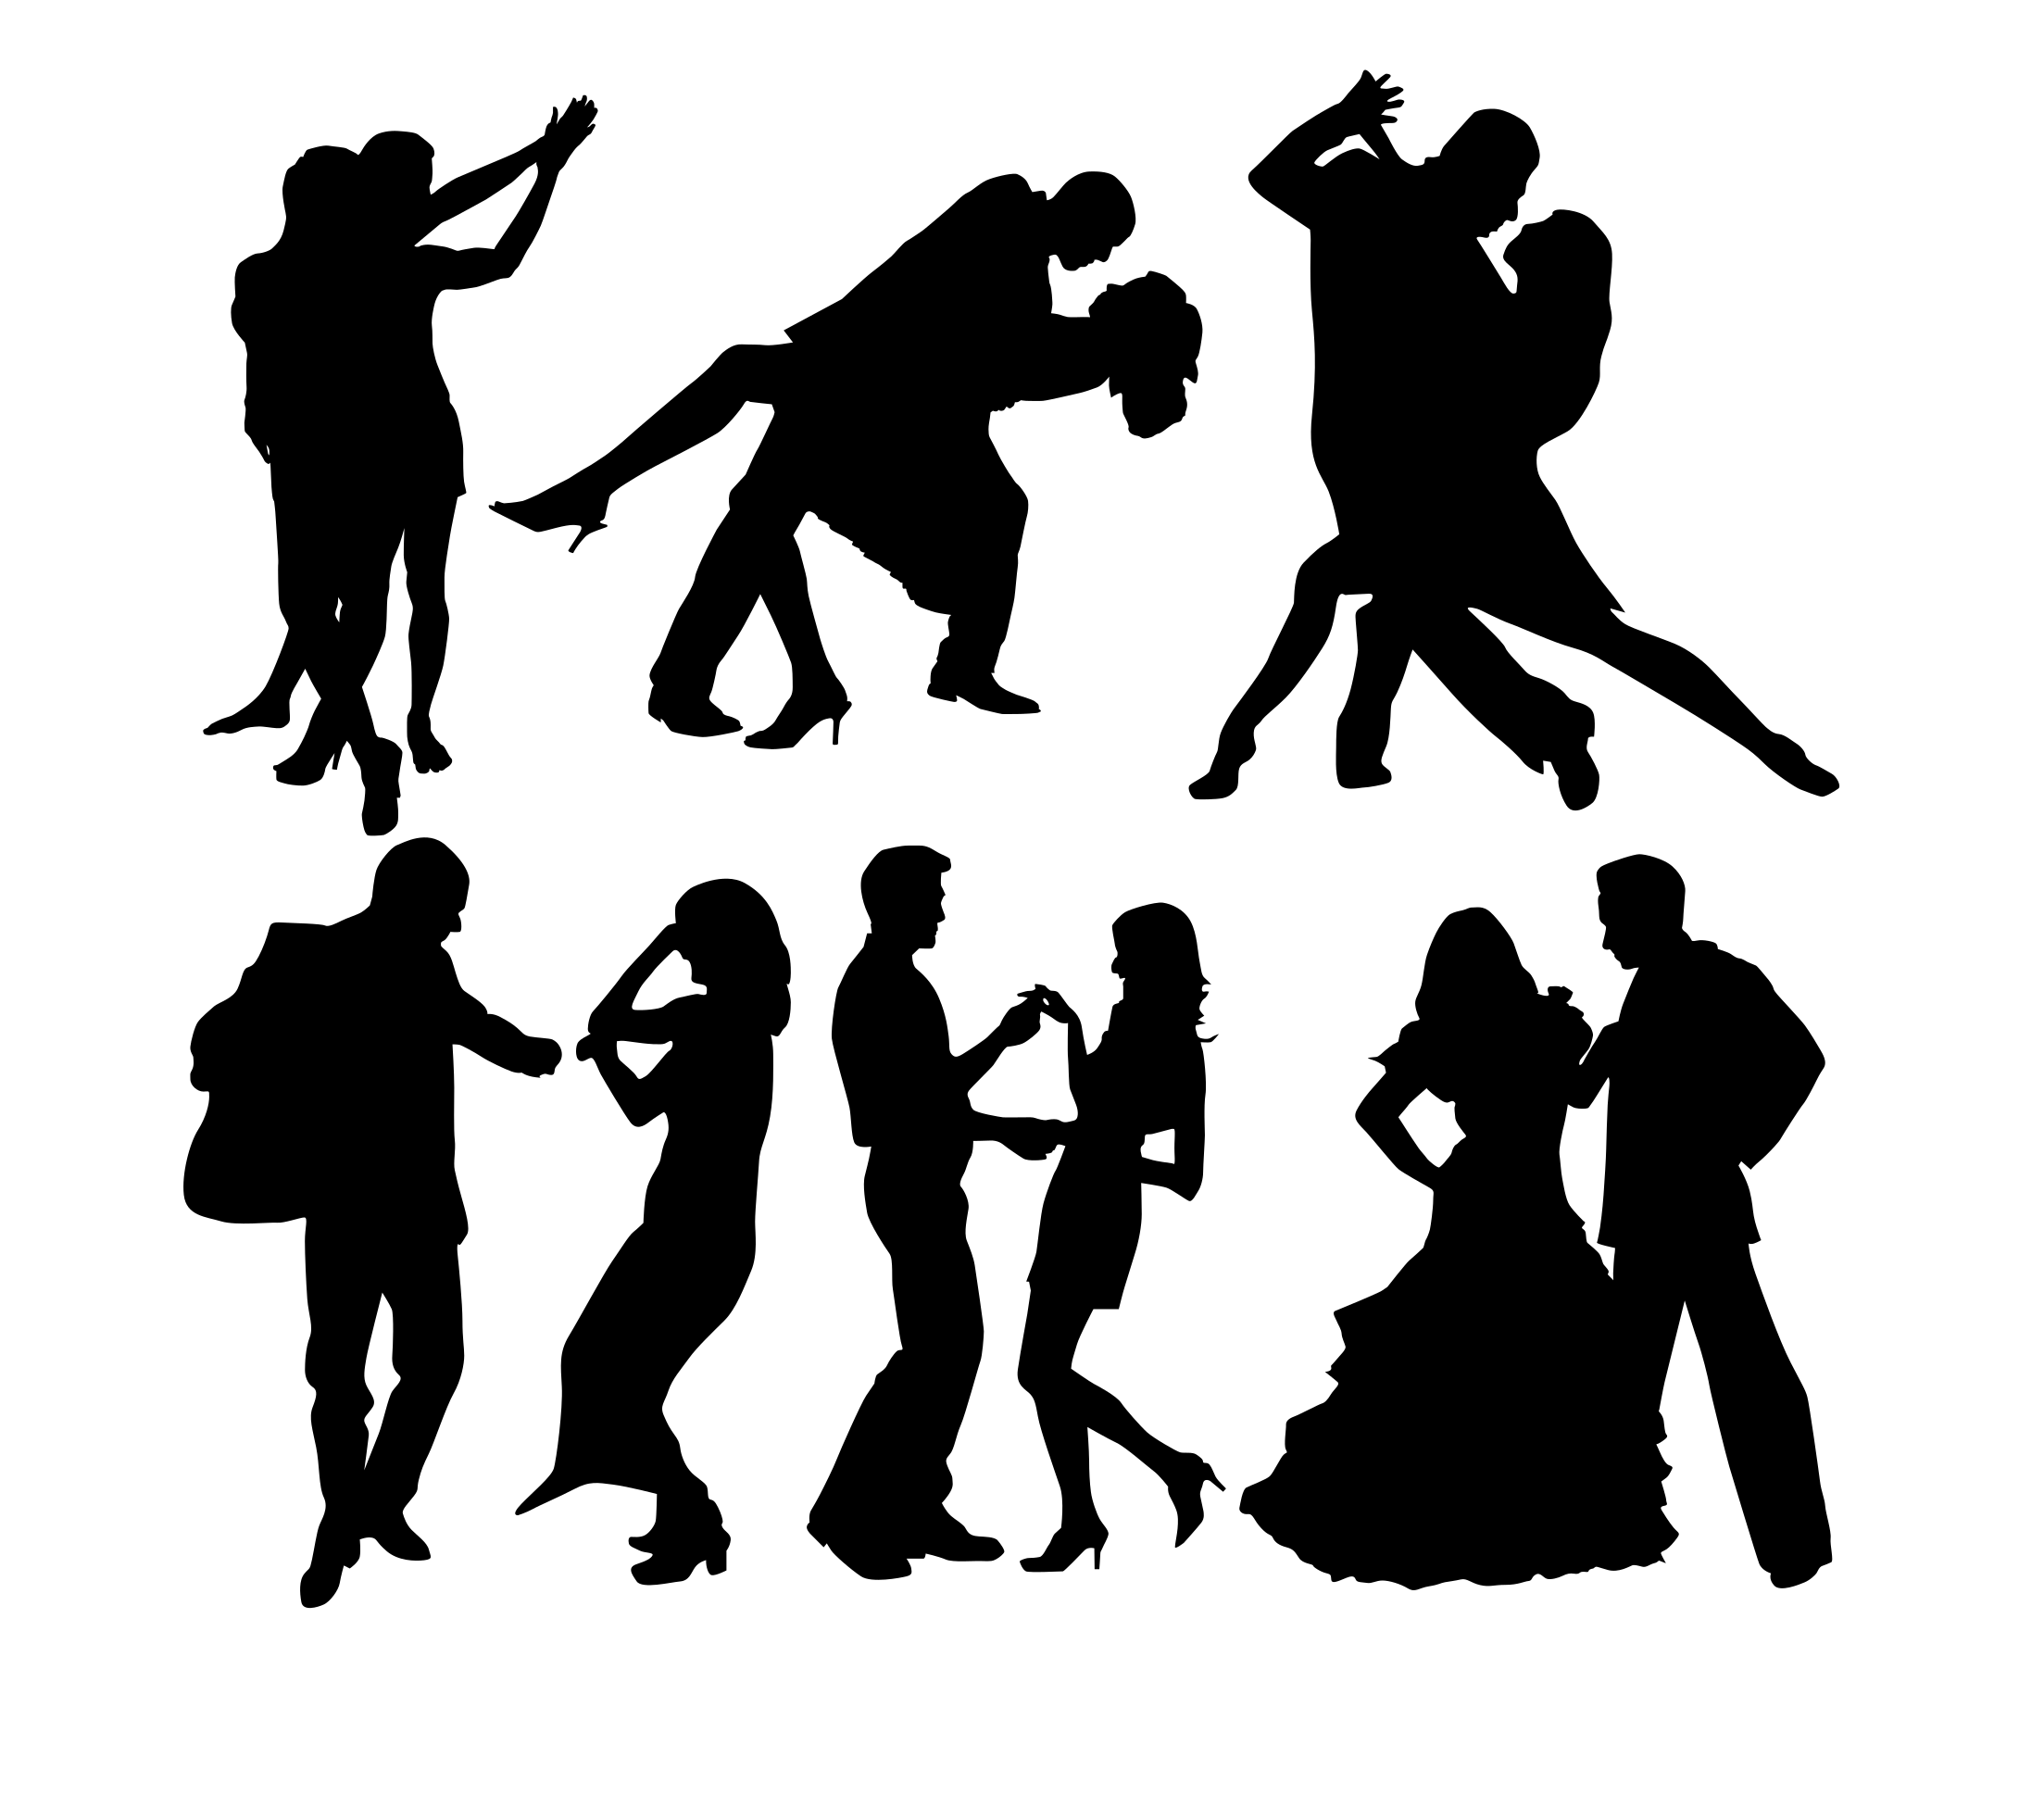 Komplet naklejek tancerze 6 sztuk 45cm  x 40cm